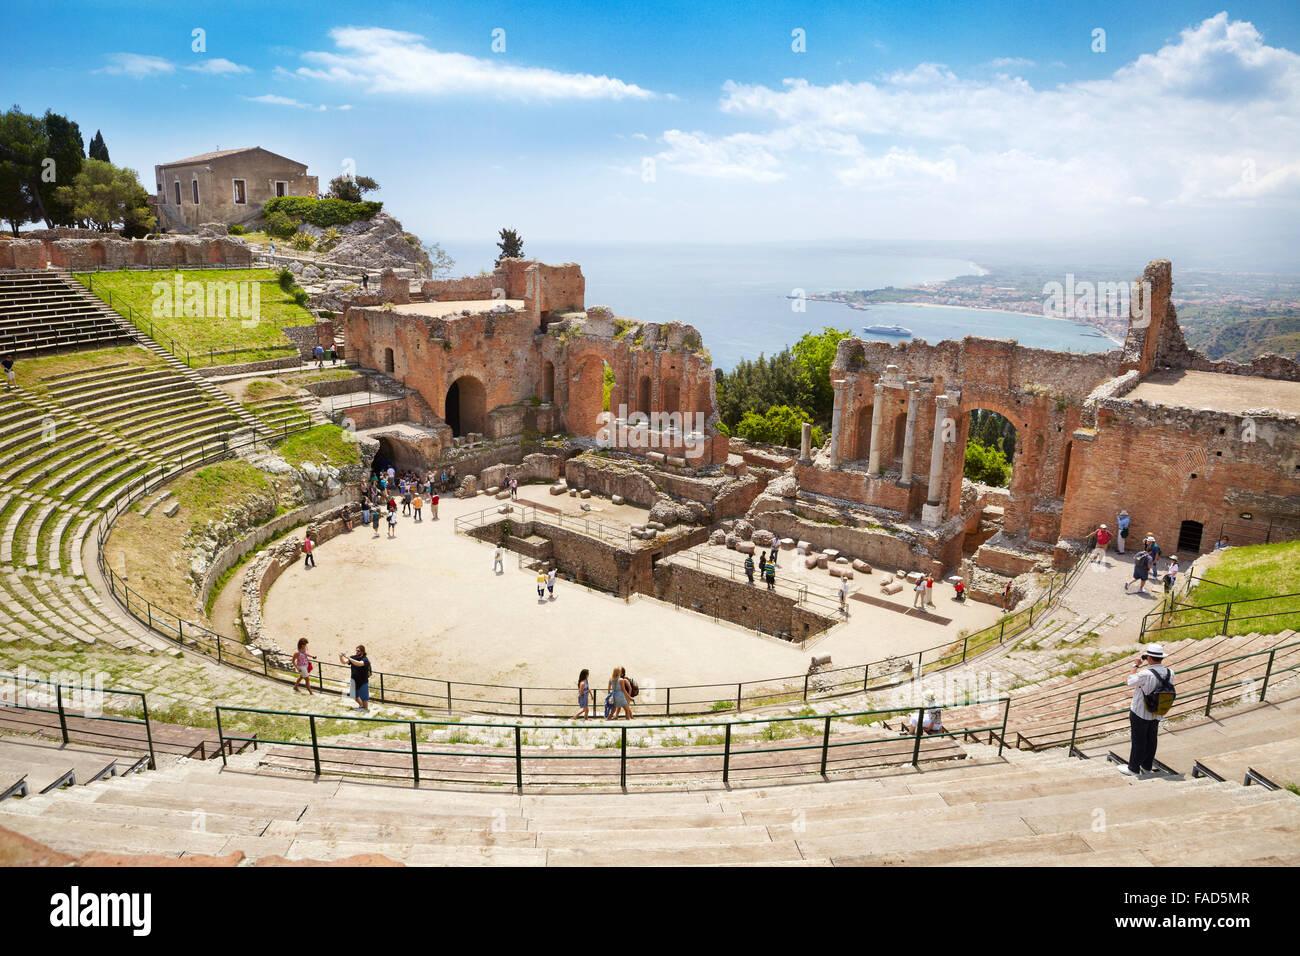 Il Teatro Greco di Taormina, Sicilia, Italia Immagini Stock